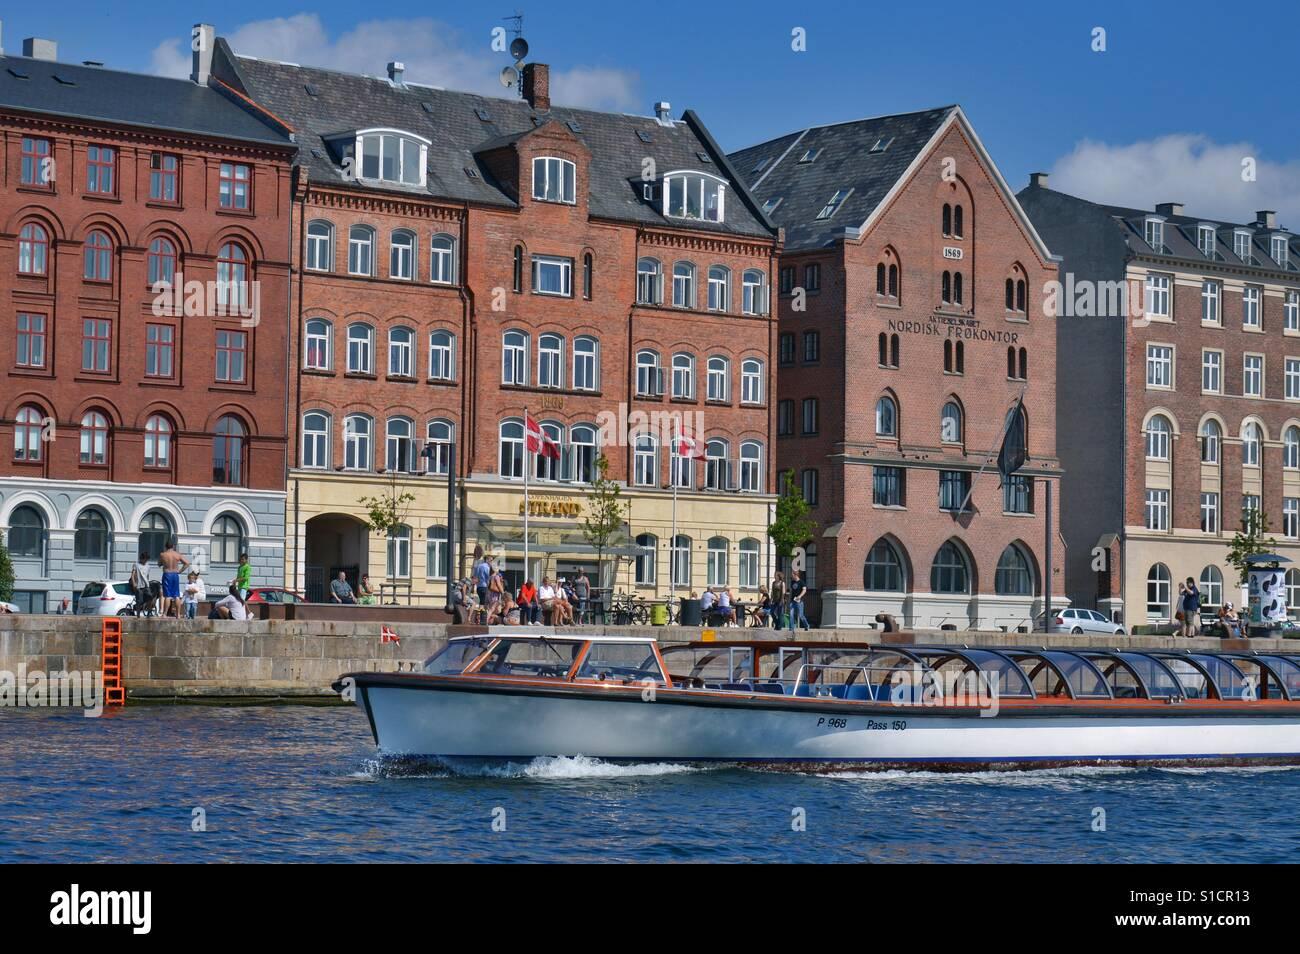 Nyhavn, old waterfront settlement of Copenhagen, Denmark - Stock Image